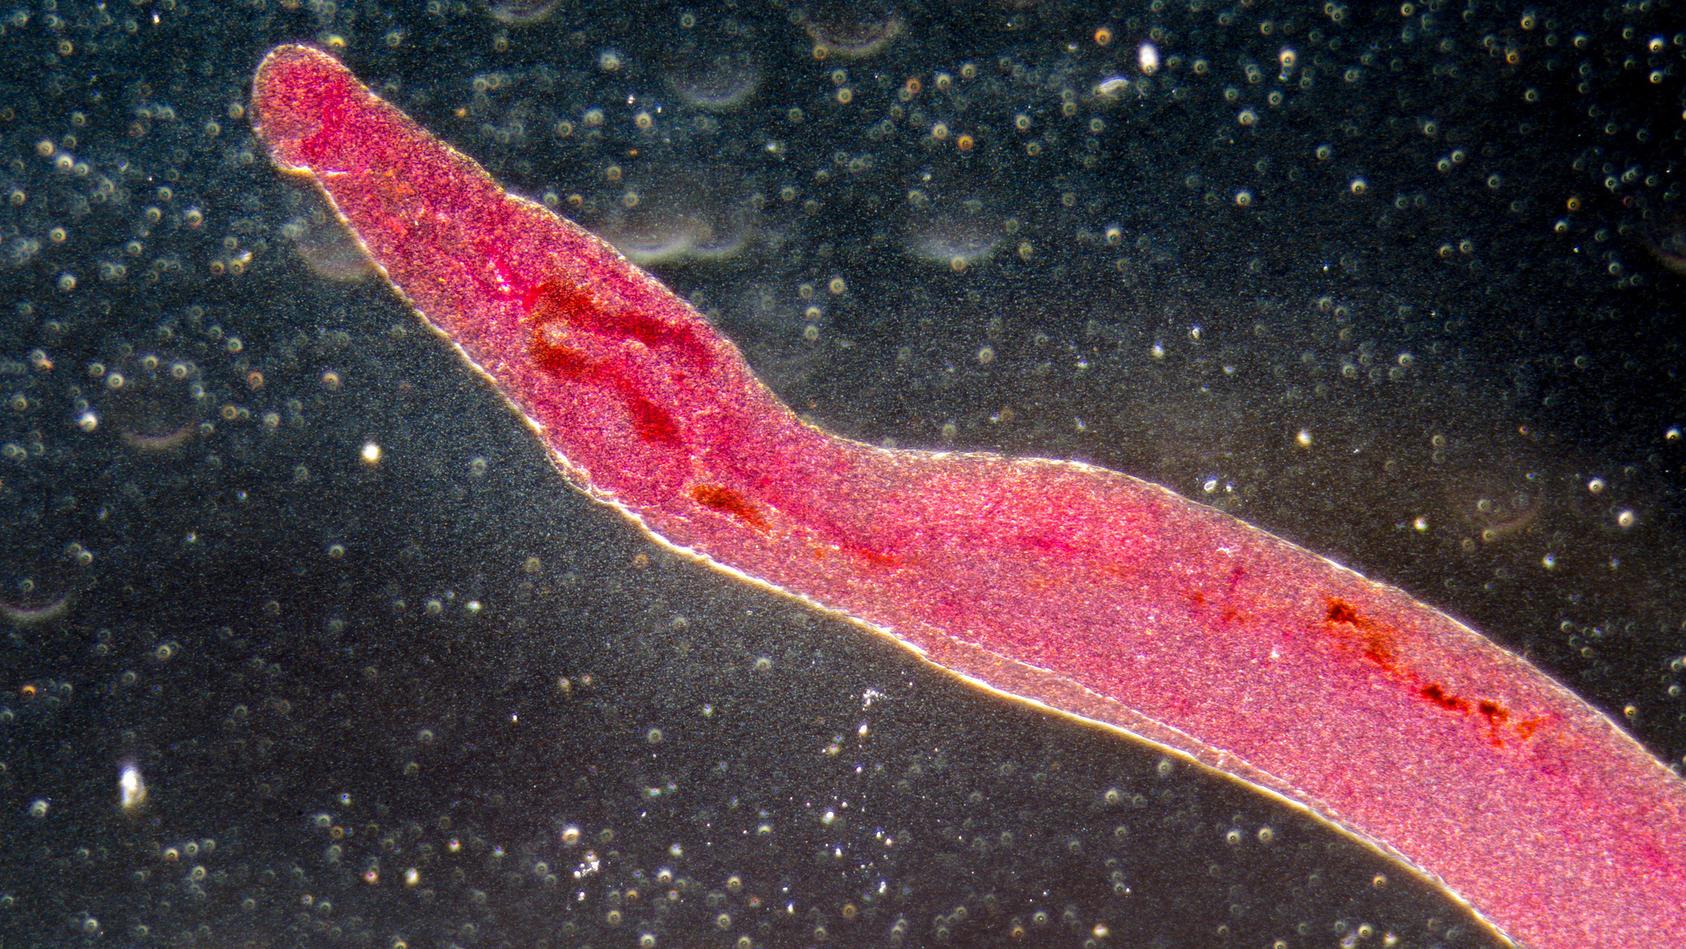 Reisende können sich in tropischen Gewässern mit Bilharziose infizieren. Dabei befallen Parasiten Darm und Harnwege.